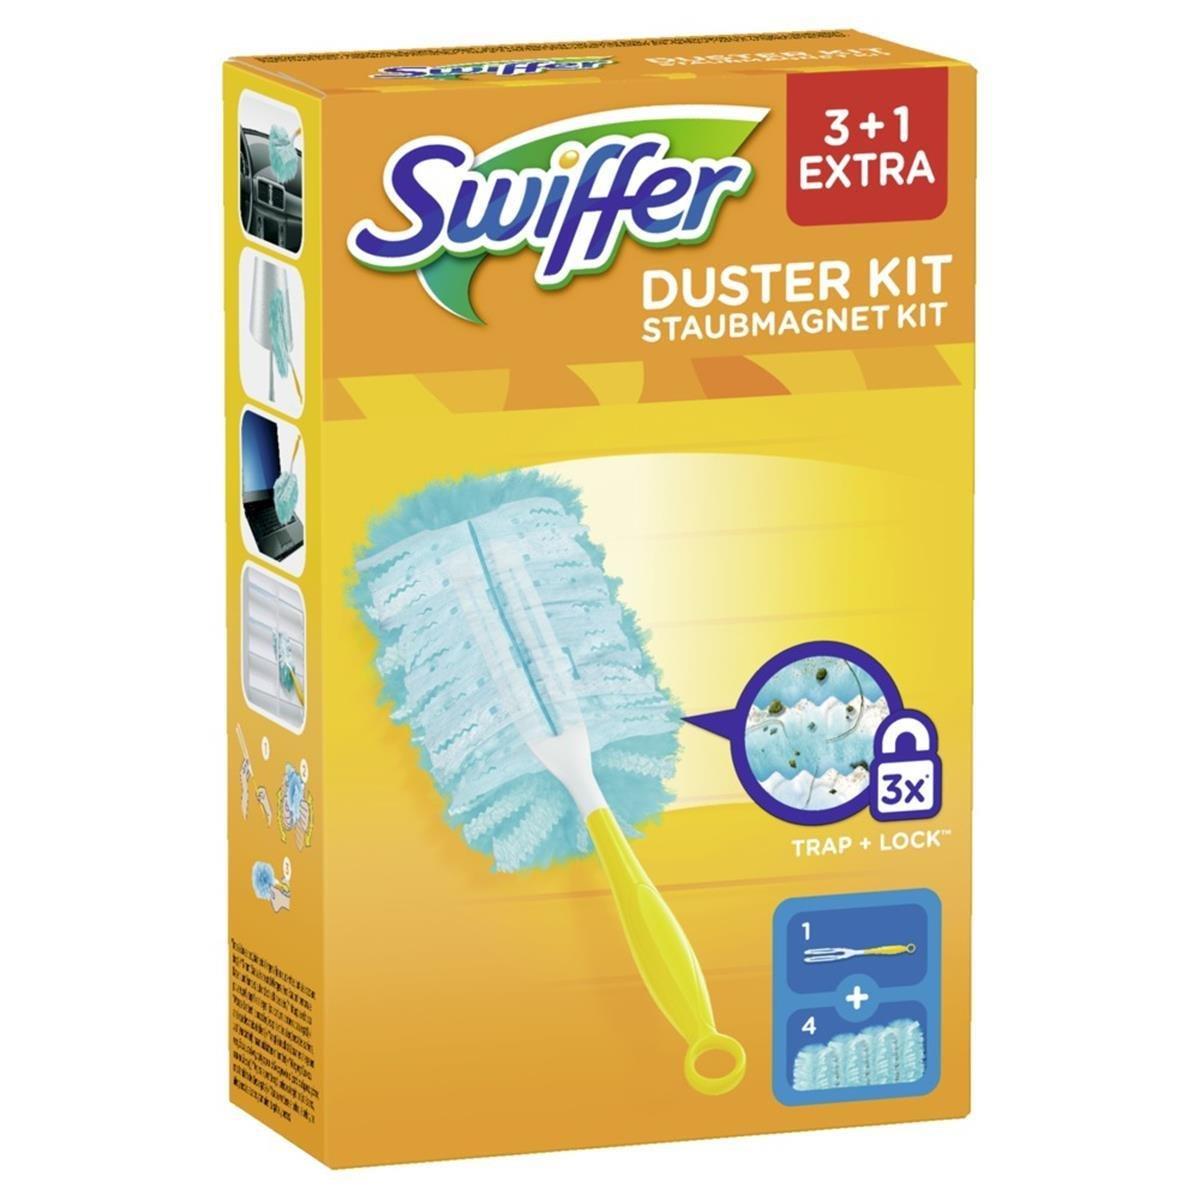 10x Swiffer Staubmagnet Set 1er Pack 1Griff und 3 Staubmagnet Tücher